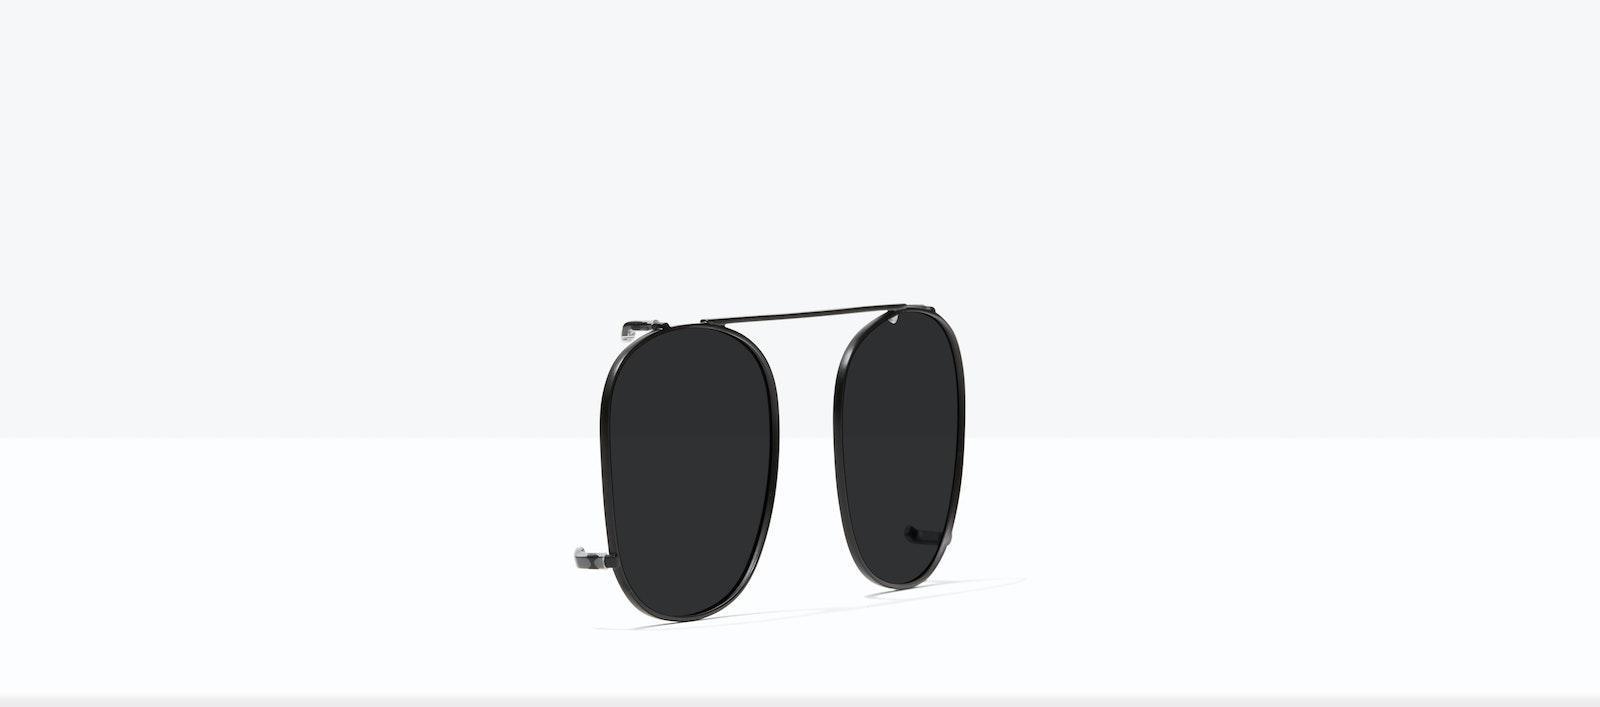 Affordable Fashion Glasses Accessory Men Women Apex Clip S Matte Black Tilt